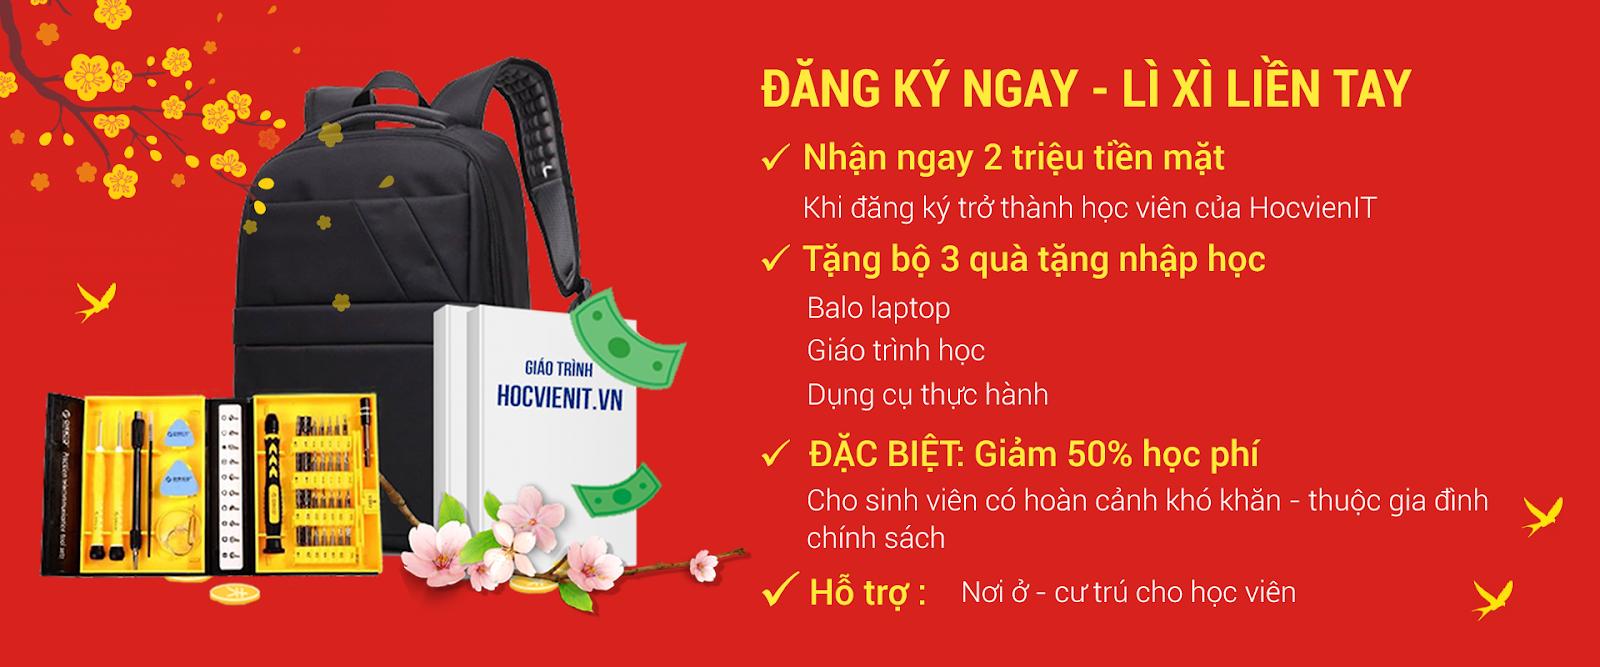 hoa-sua-chua-laptop-tai-ha-noi-3